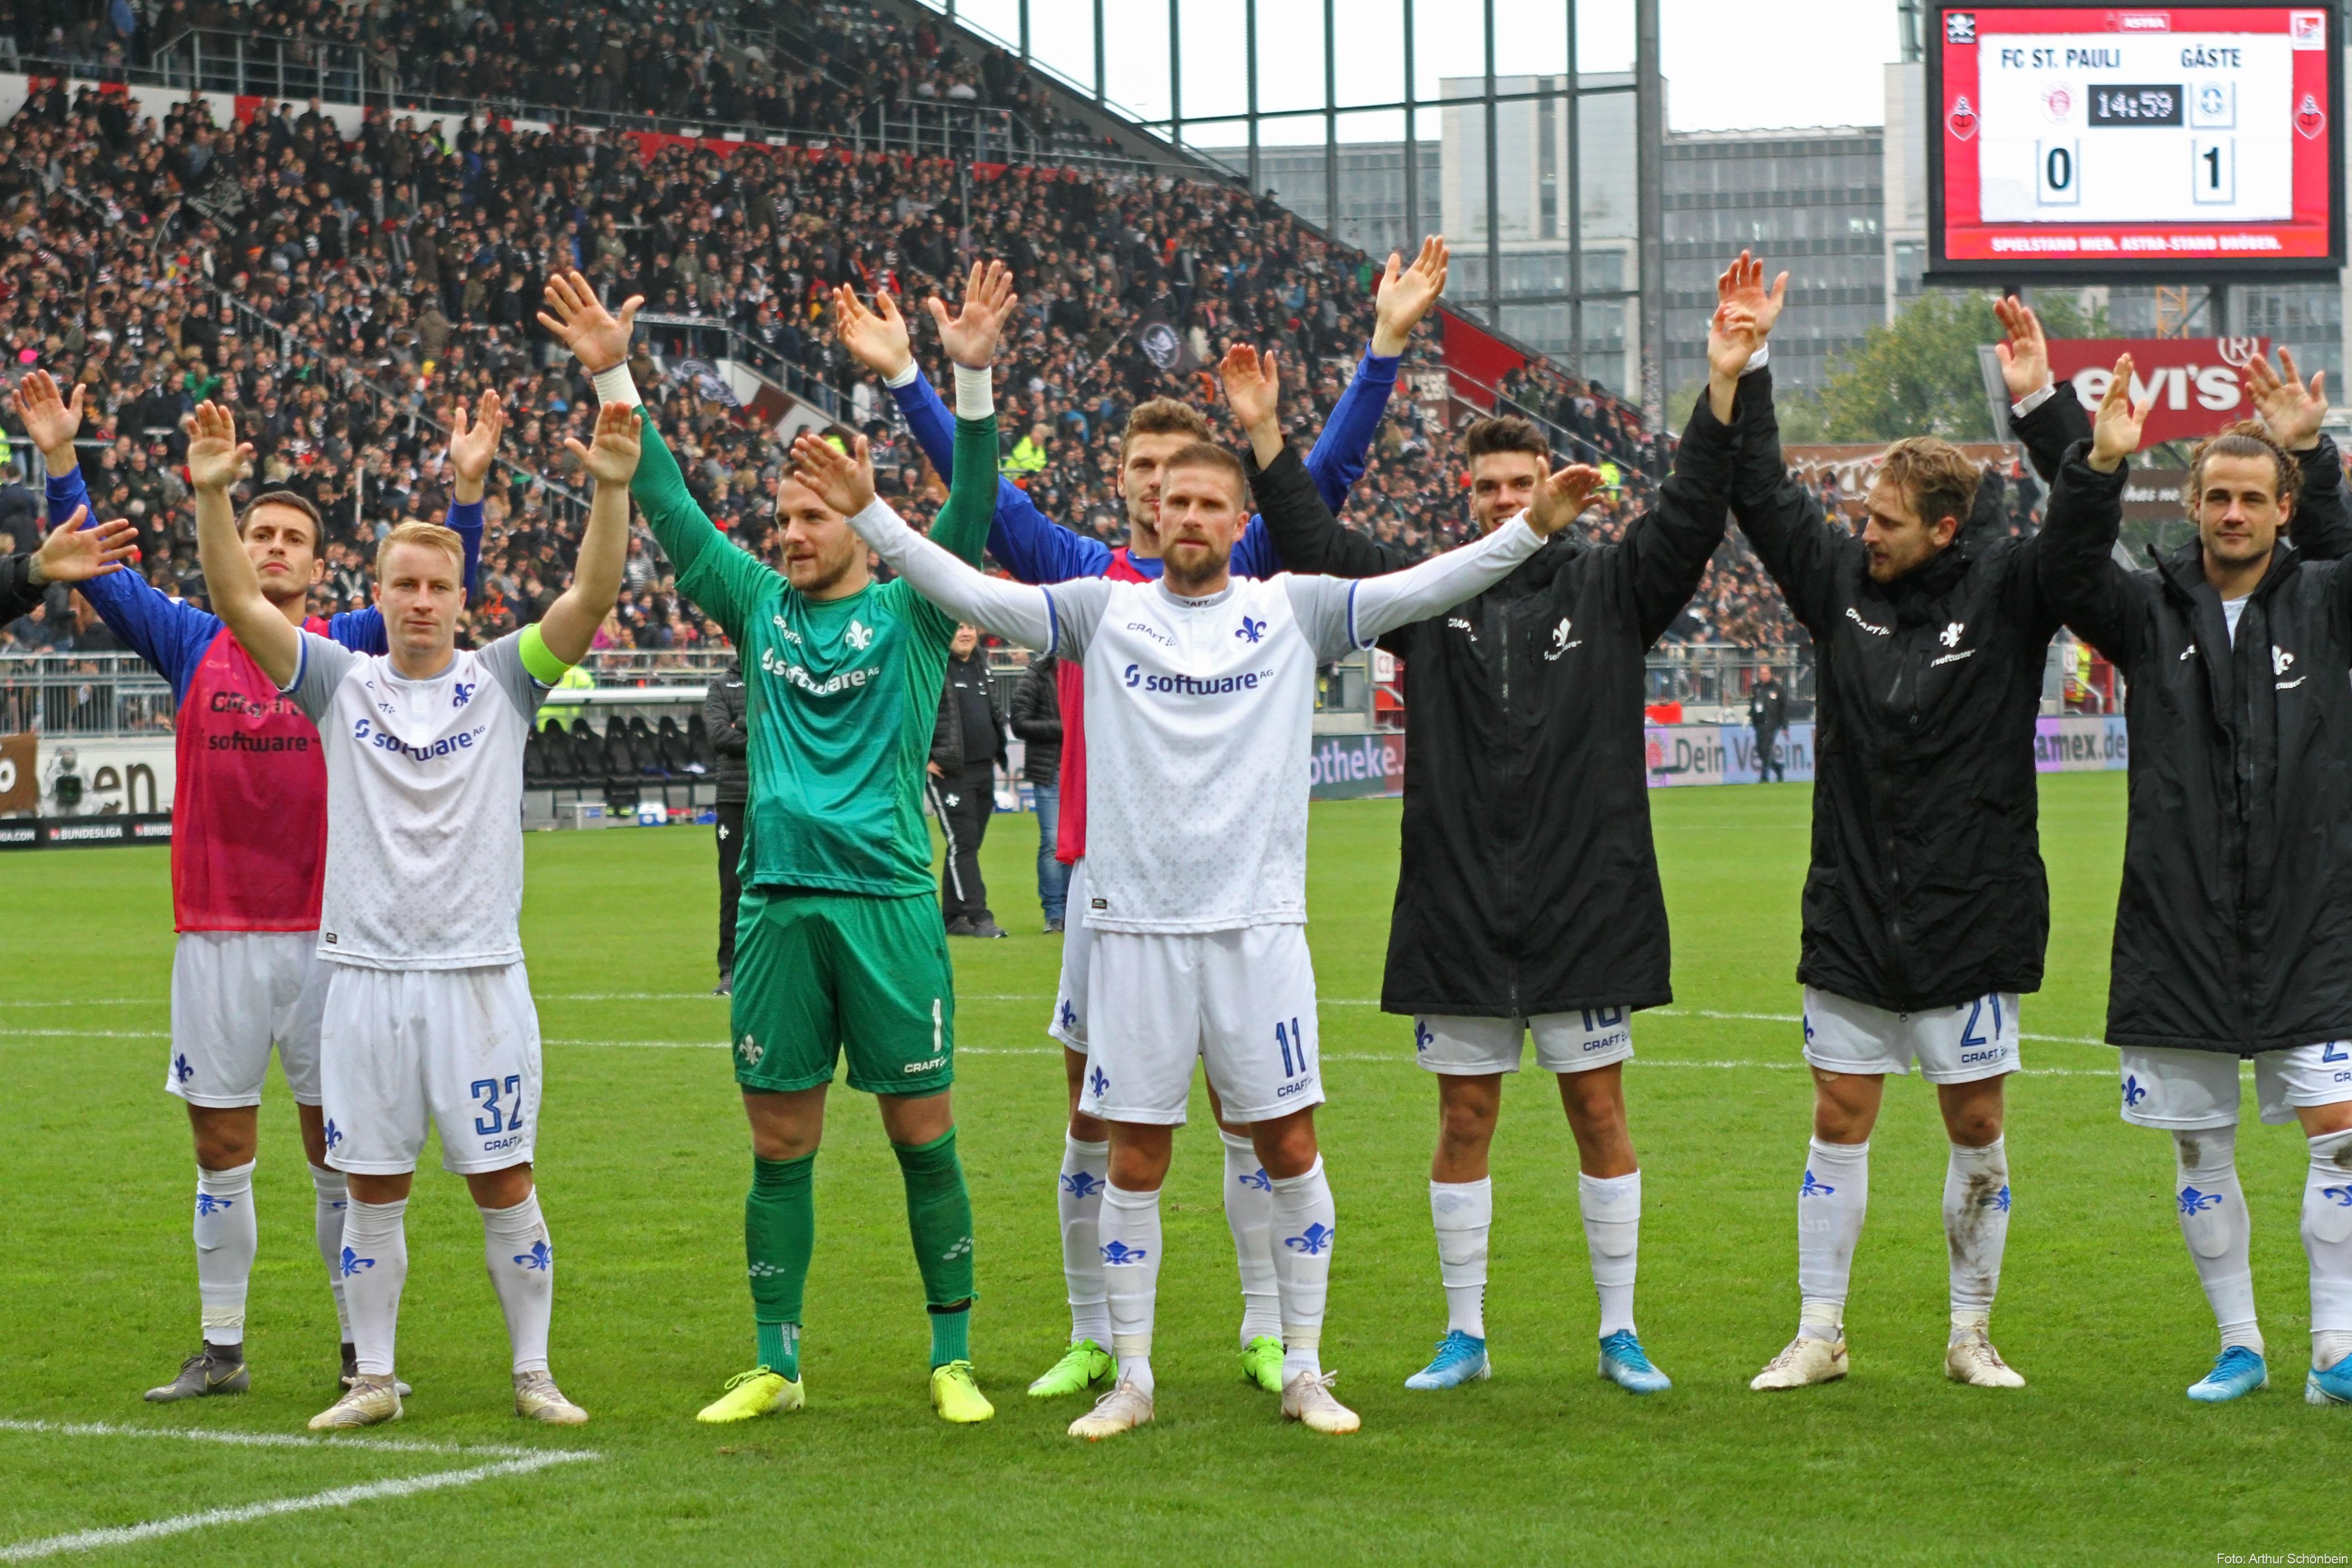 Impressionen vom Spiel gegen den FC St. Pauli